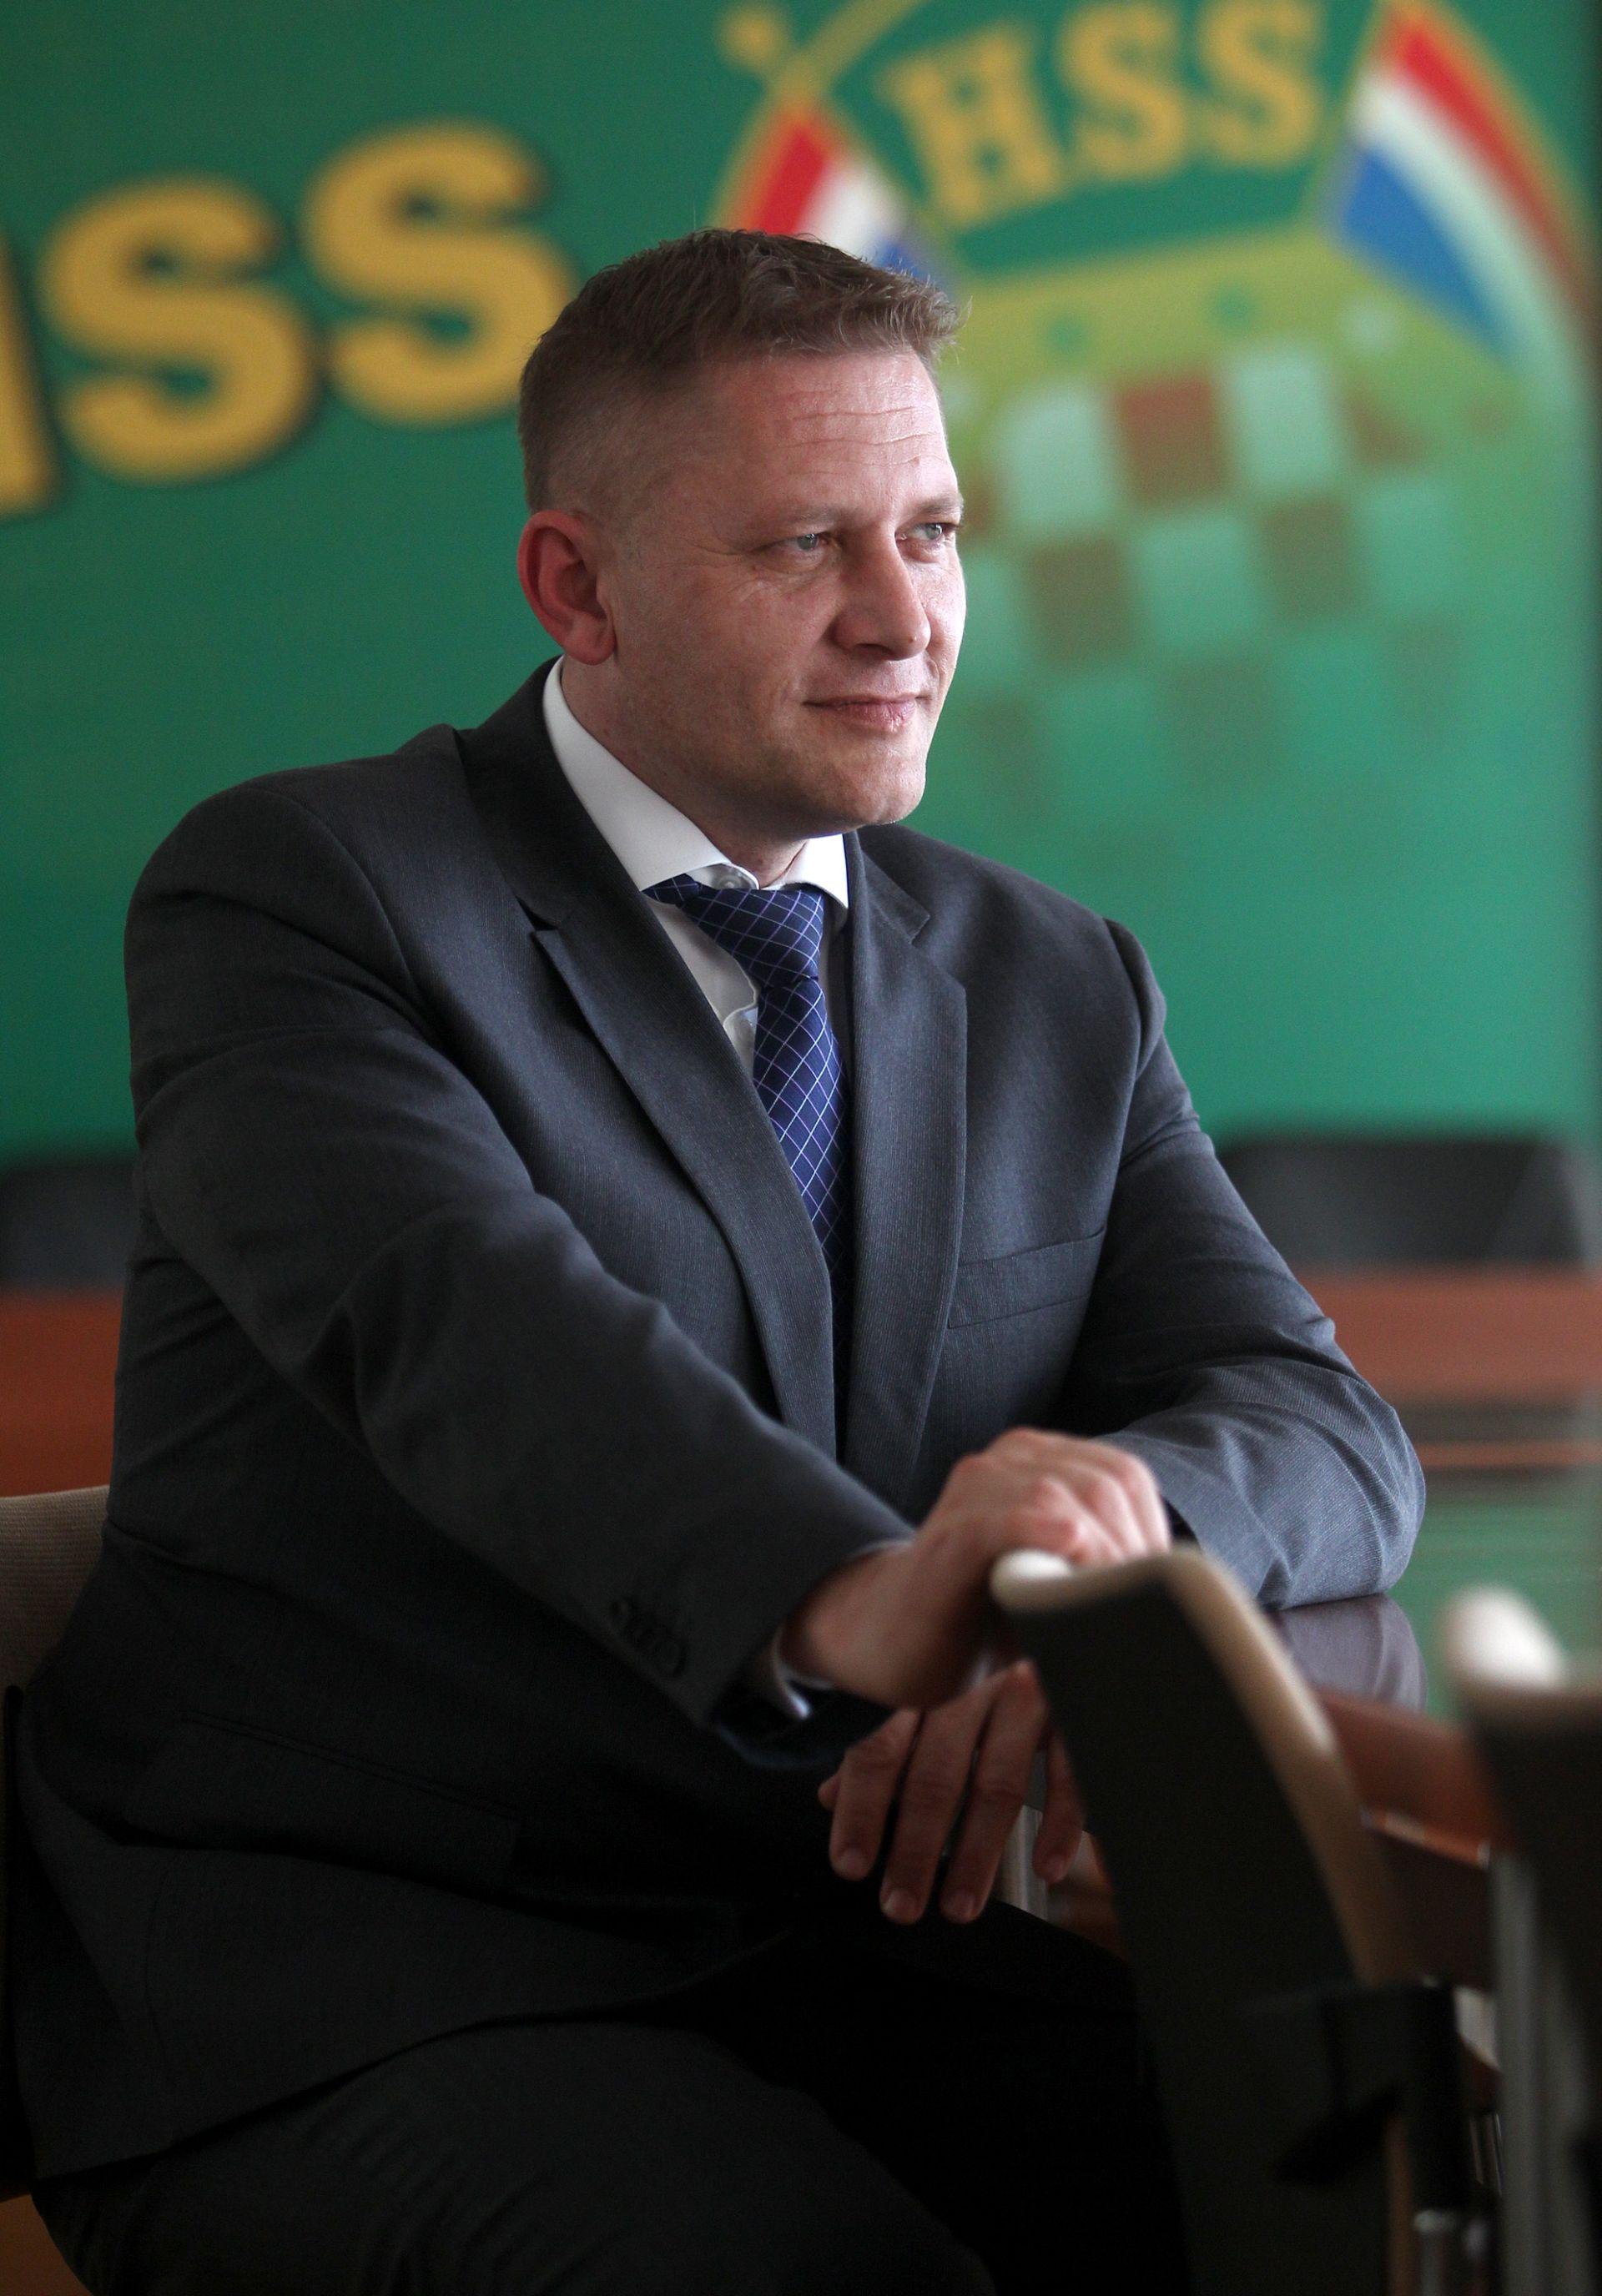 Beljak: Križevci i Koprivničko-križevačka županija srce su HSS-a